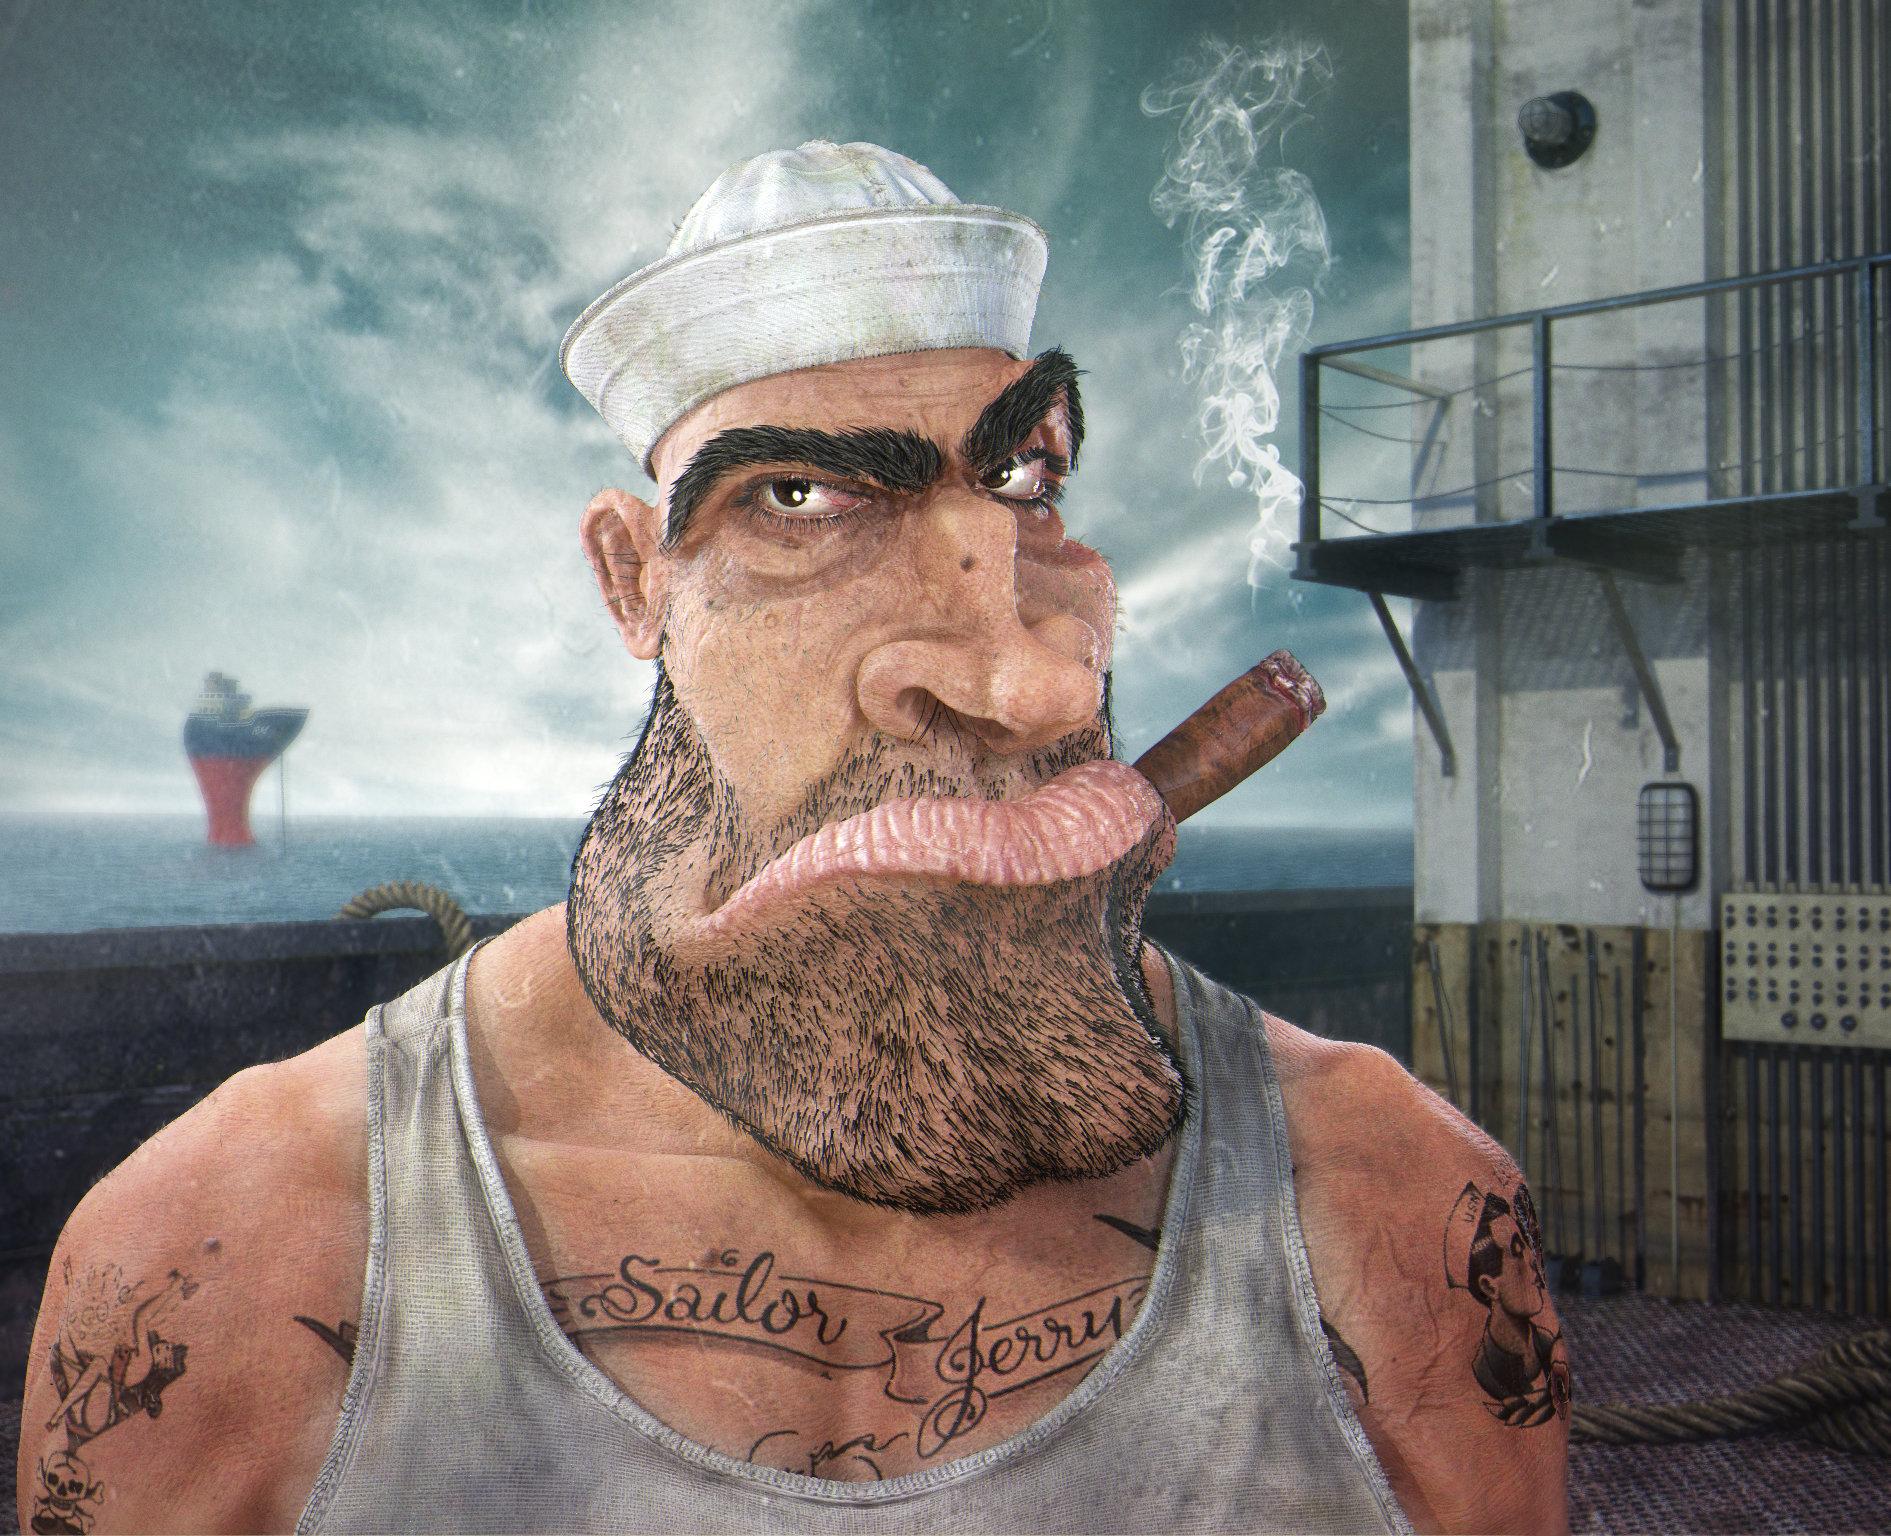 Ricardo manso marineiro